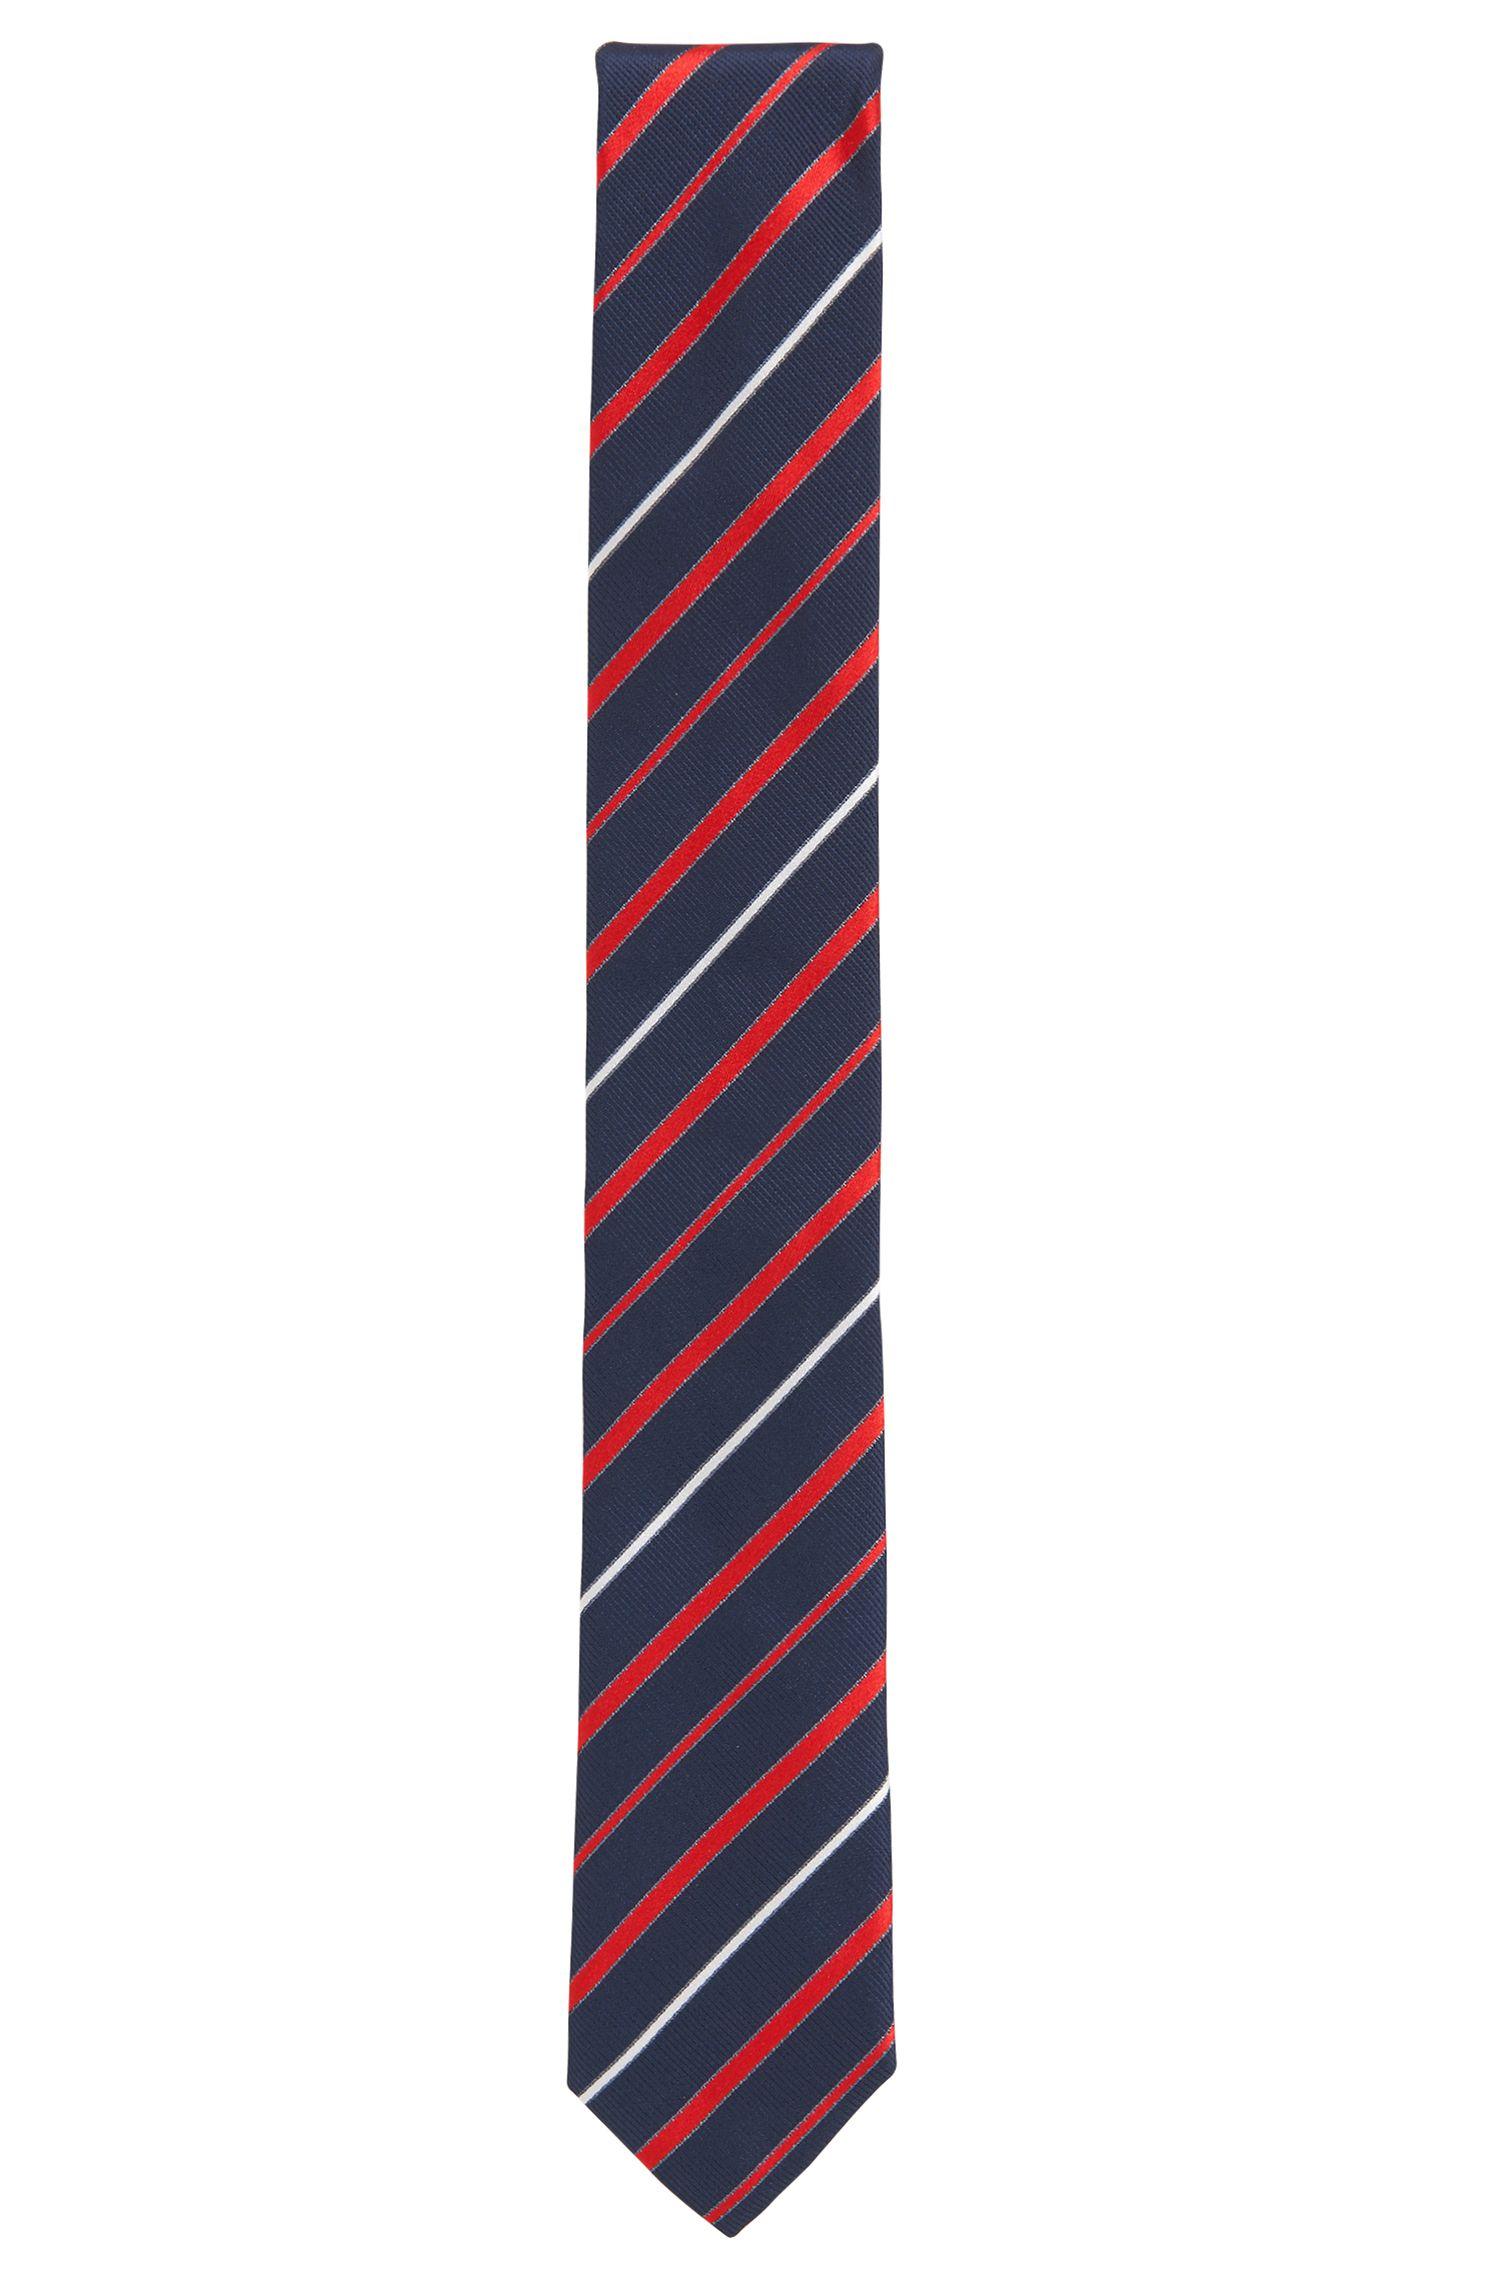 Cravate en jacquard de soie à rayures en diagonale, confectionnée en Italie